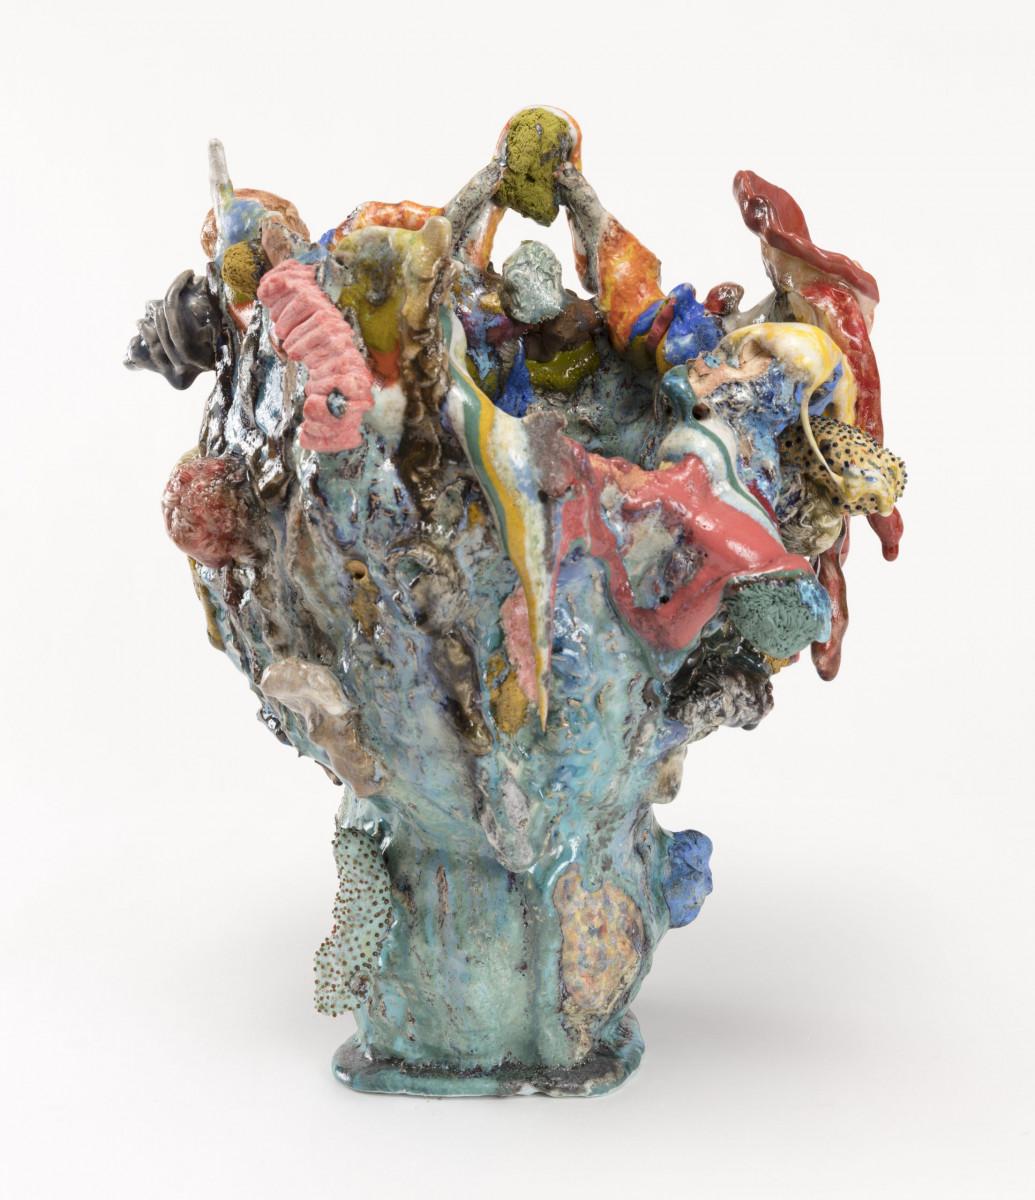 Kazuhito Kawai. <em>Last Christmas</em>, 2020. Glazed ceramic, 15 3/8 x 11 3/4 x 11 3/4 inches (39 x 30 x 30 cm) Detail